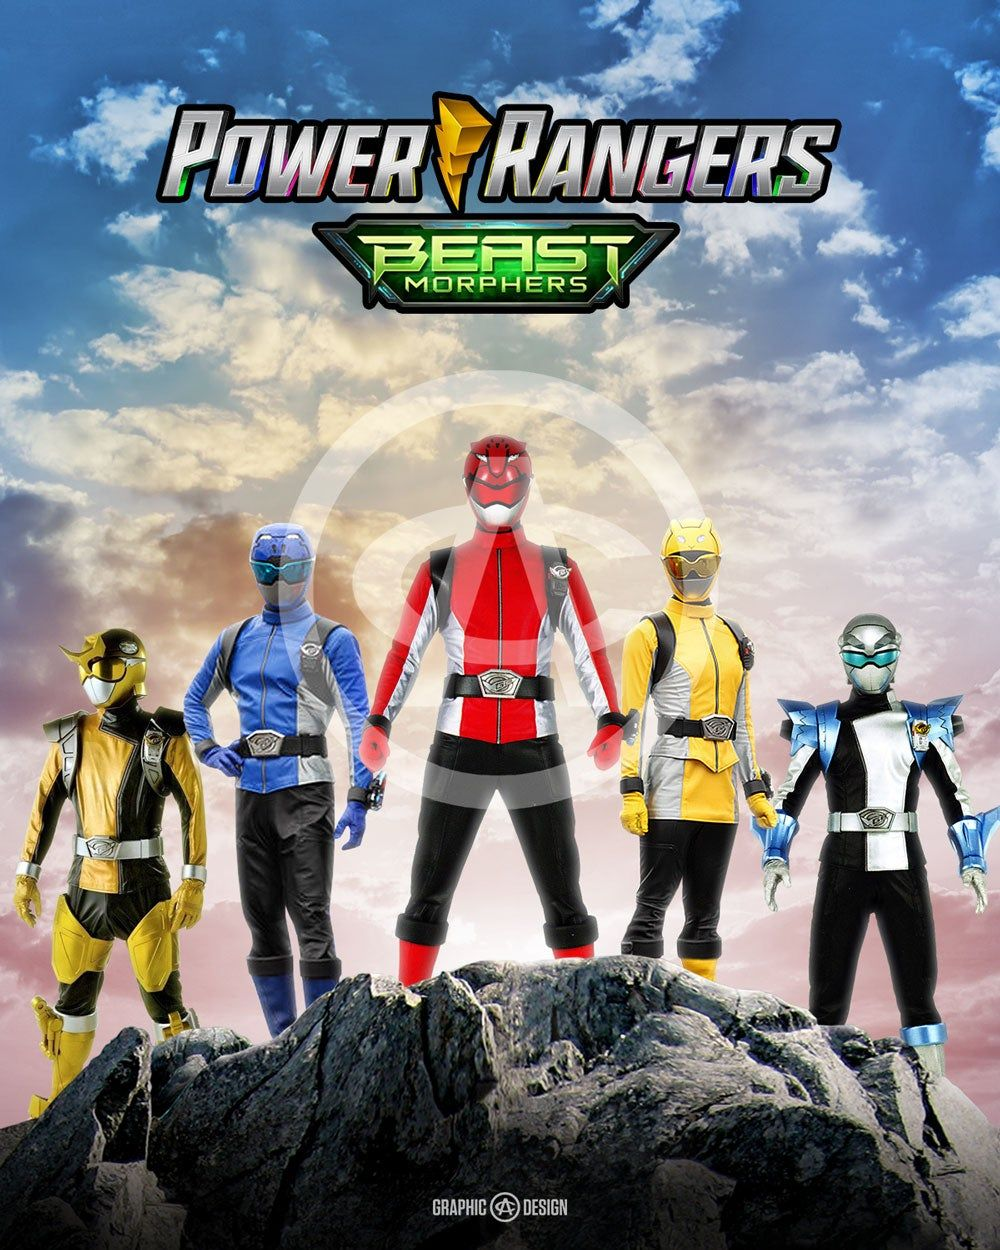 Legendary Power Rangers Beast Morphers Ranger Power Rangers Logo Power Rangers Megazord